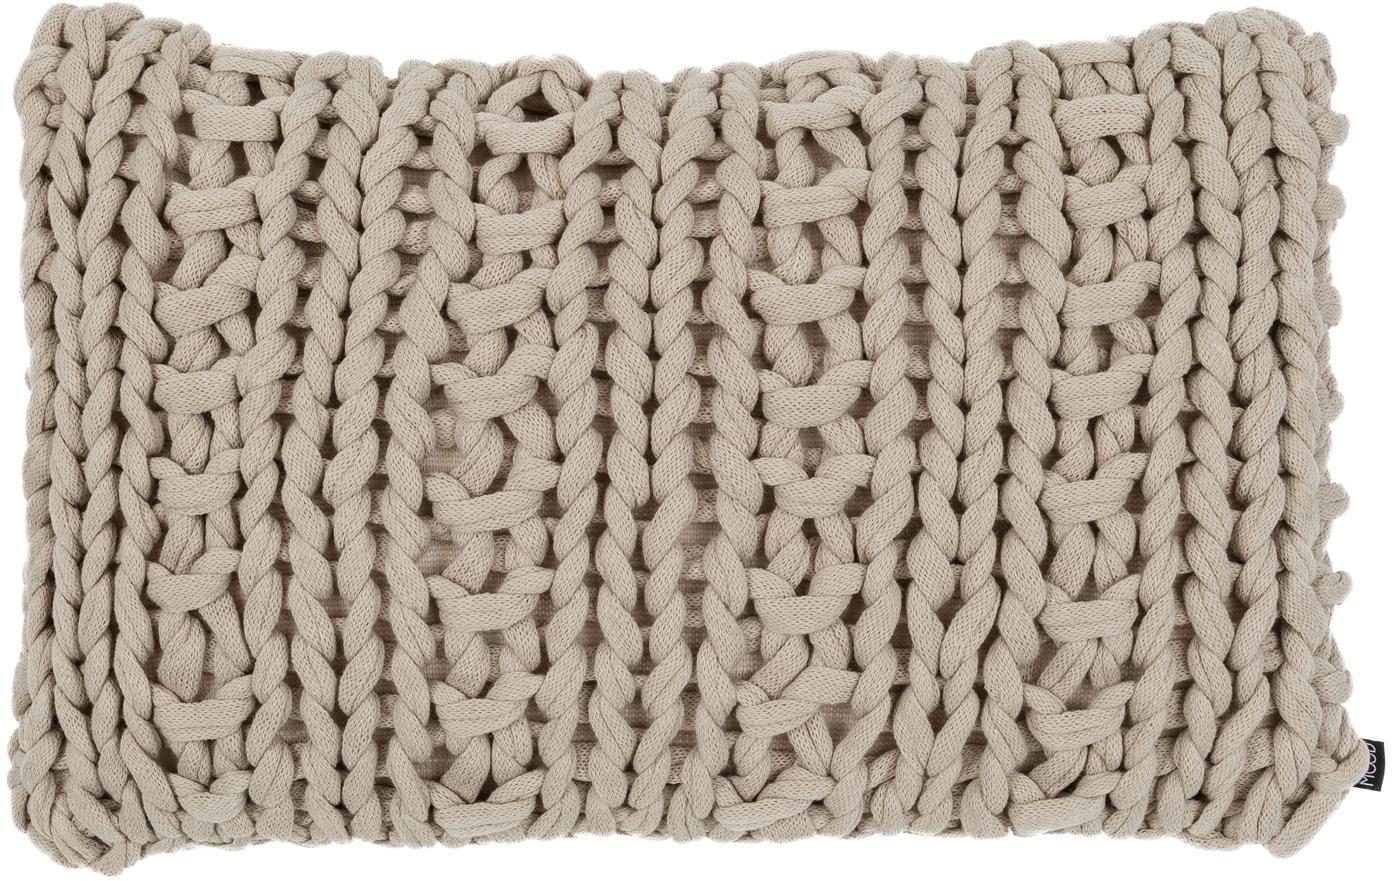 Strick-Kissen Chunky, mit Inlett, Hülle: 100% Acryl, Beige, 40 x 60 cm